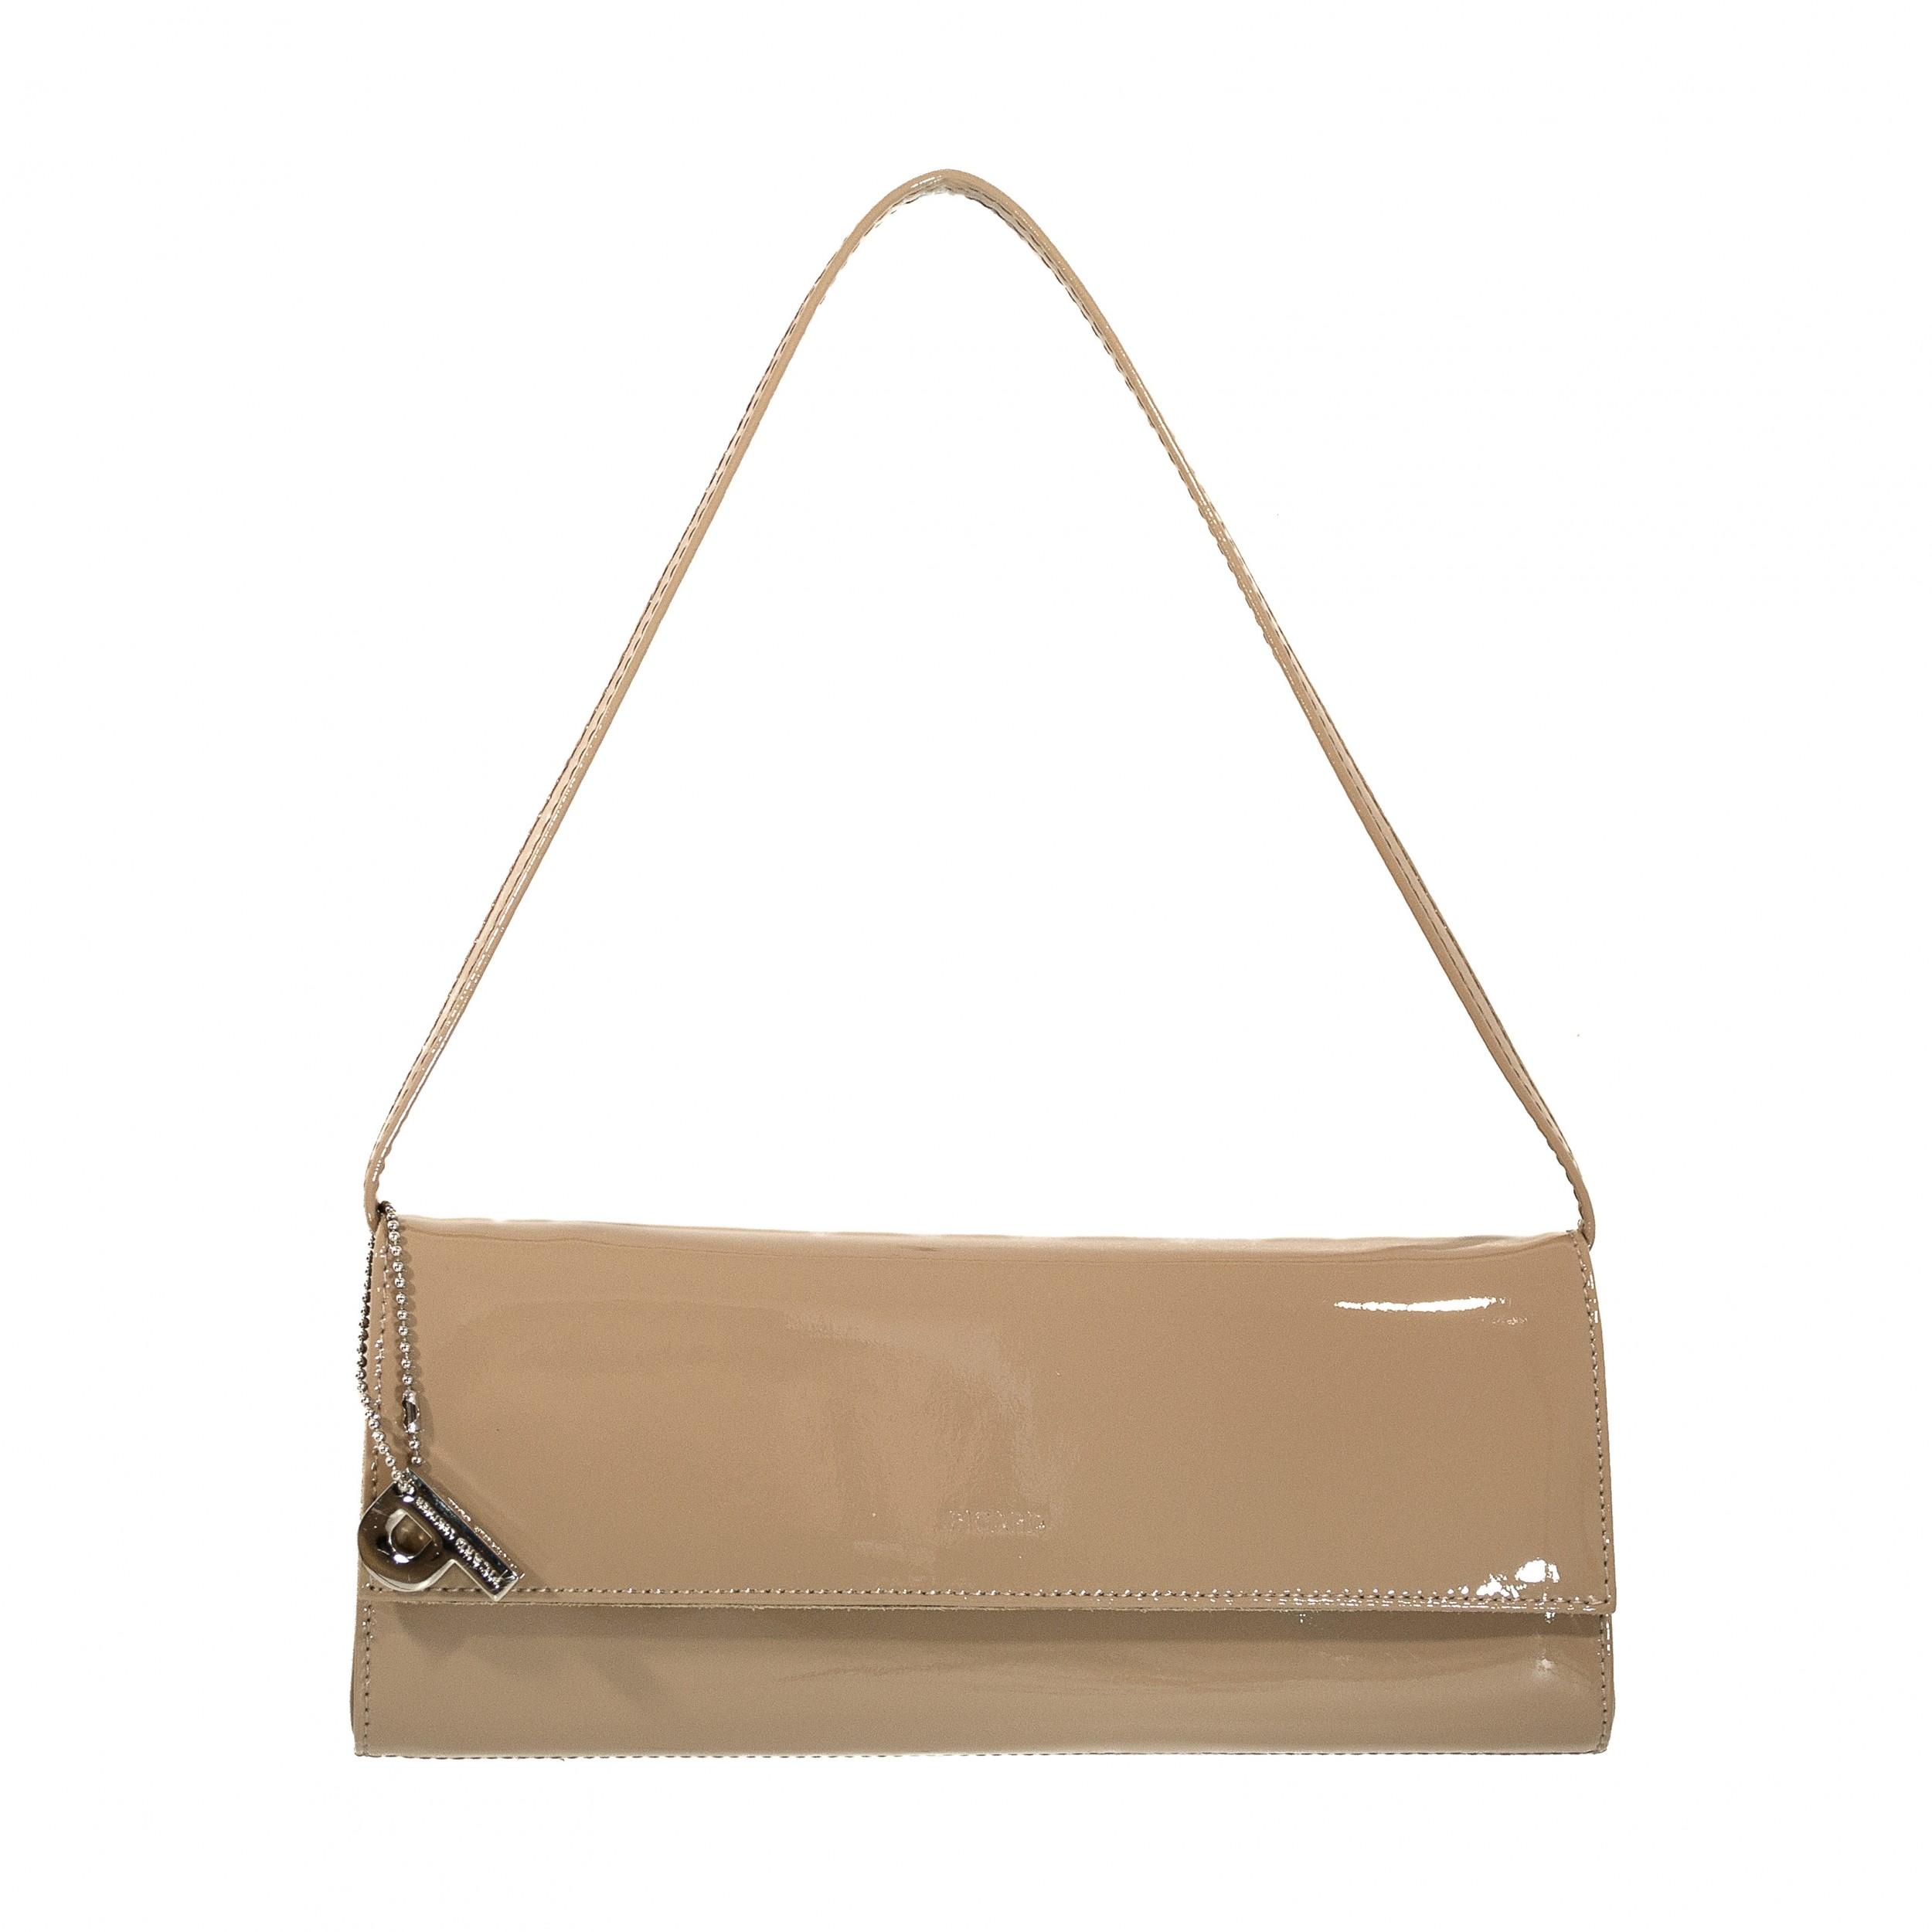 6b3bca7fdf253 PICARD Damen Tasche Abendtasche Clutch Auguri Melange   Lack 4022 001 ...